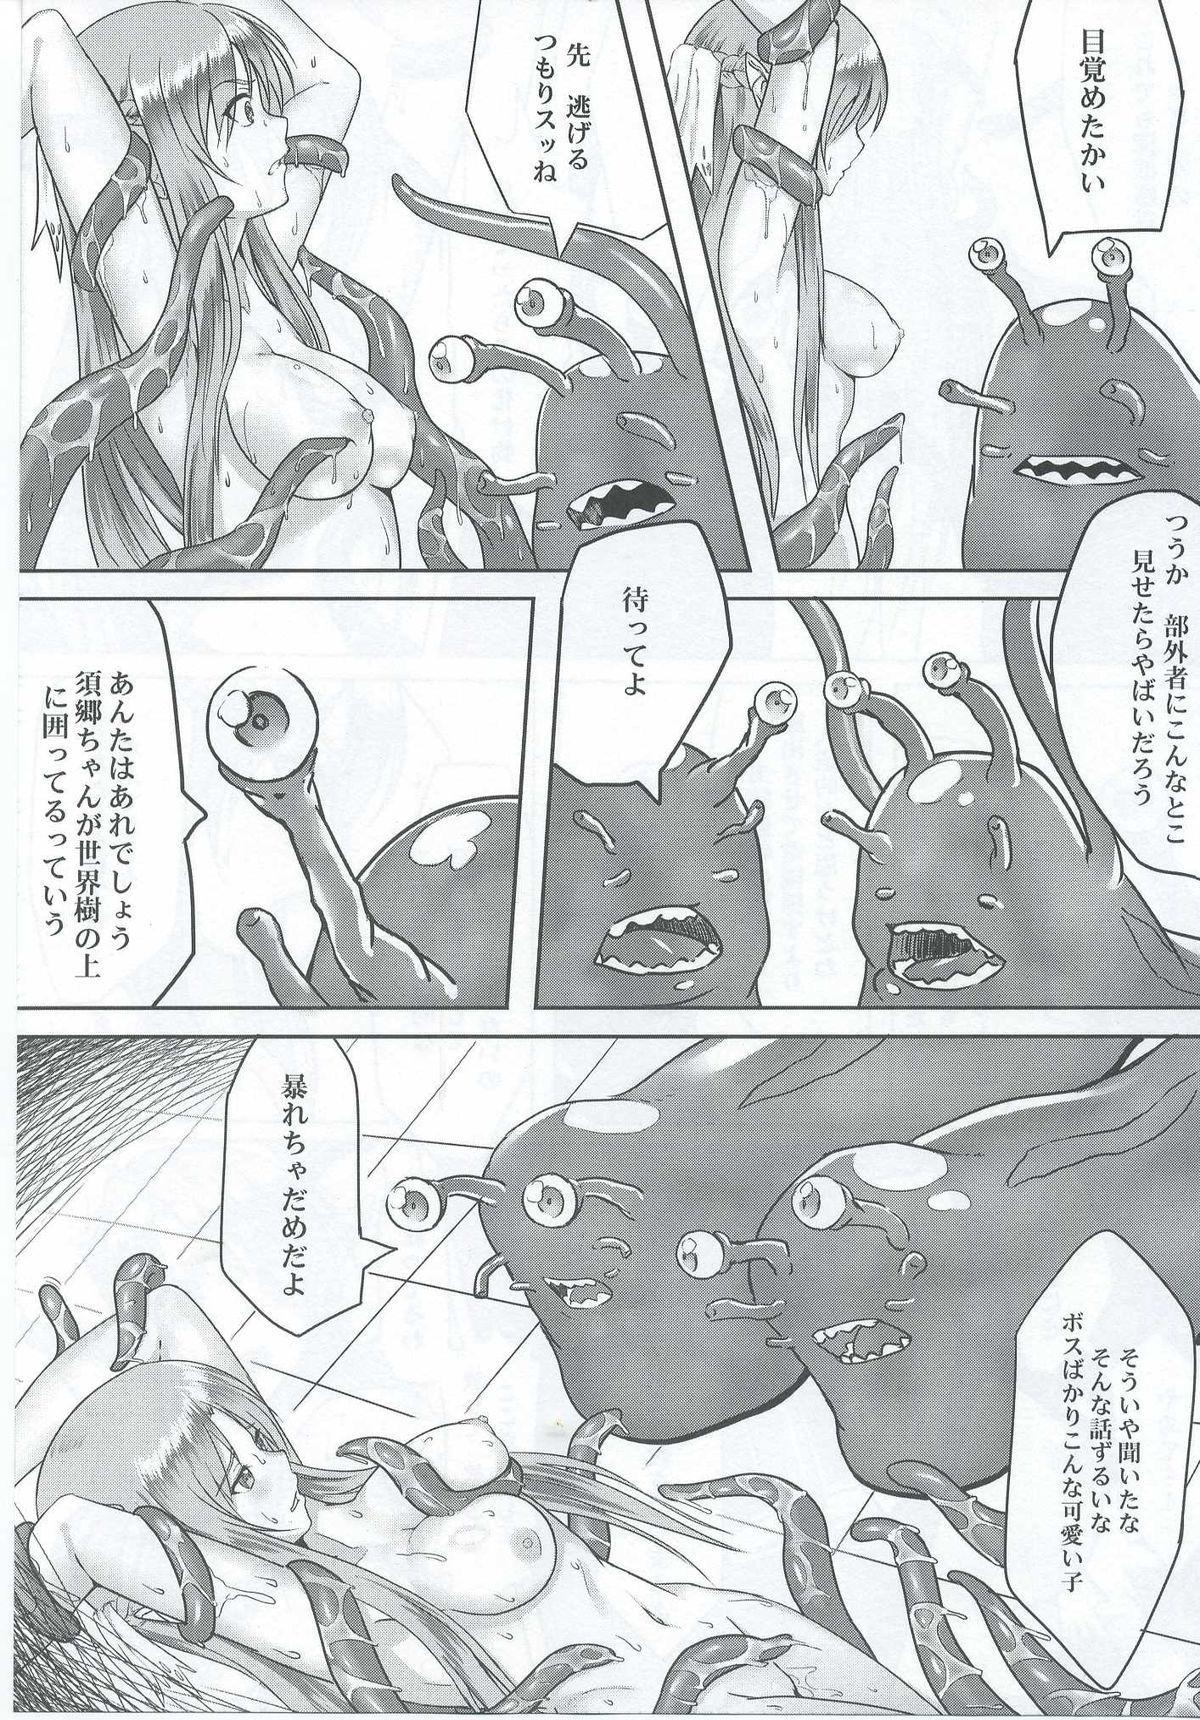 Ctrl-Asuna 11